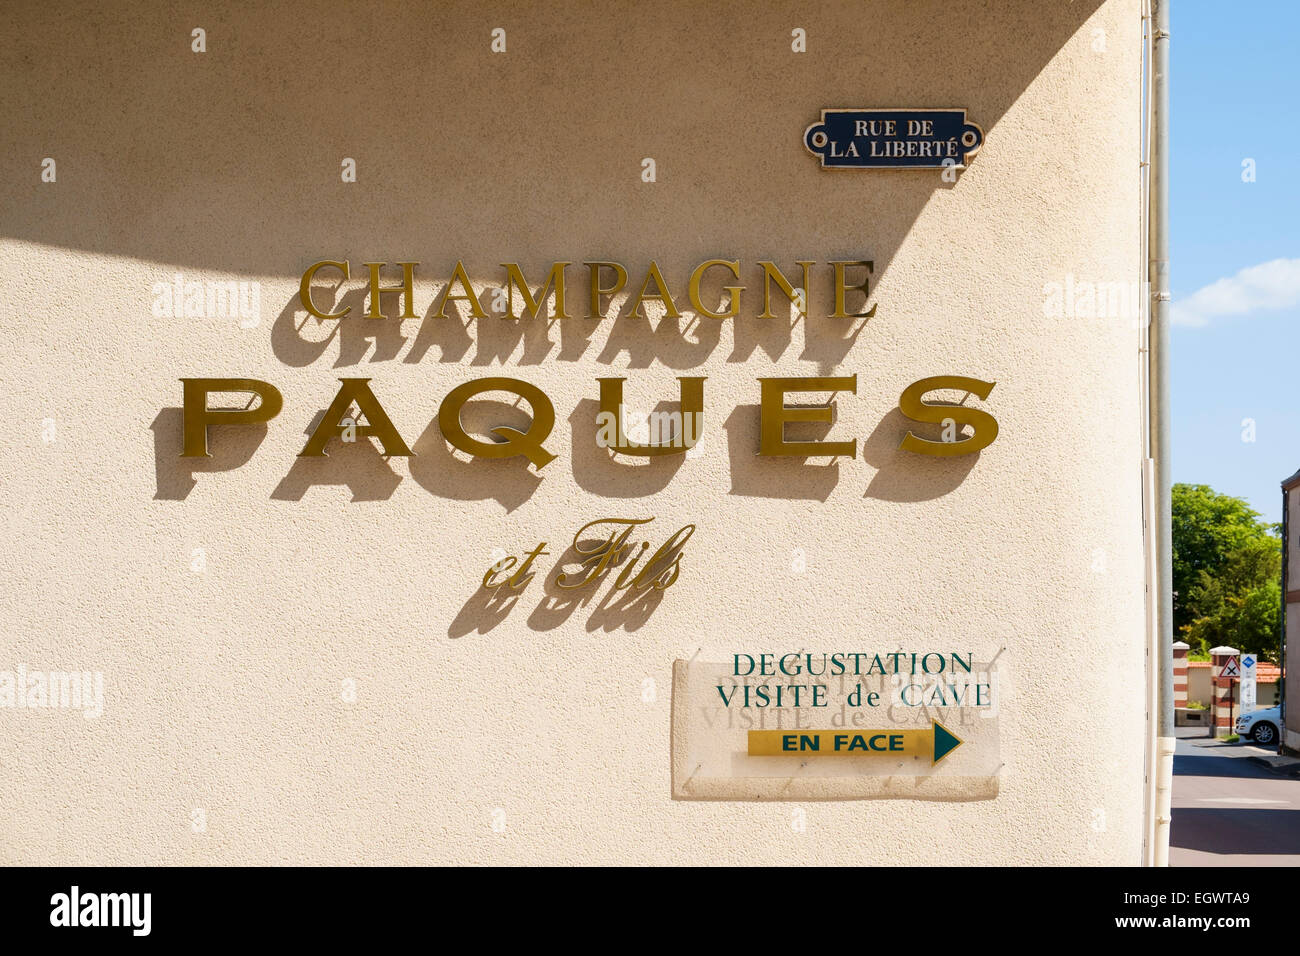 Champagne House Paques - un viticoltore in Rilly la Montagne, Champagne, Francia, Europa Immagini Stock